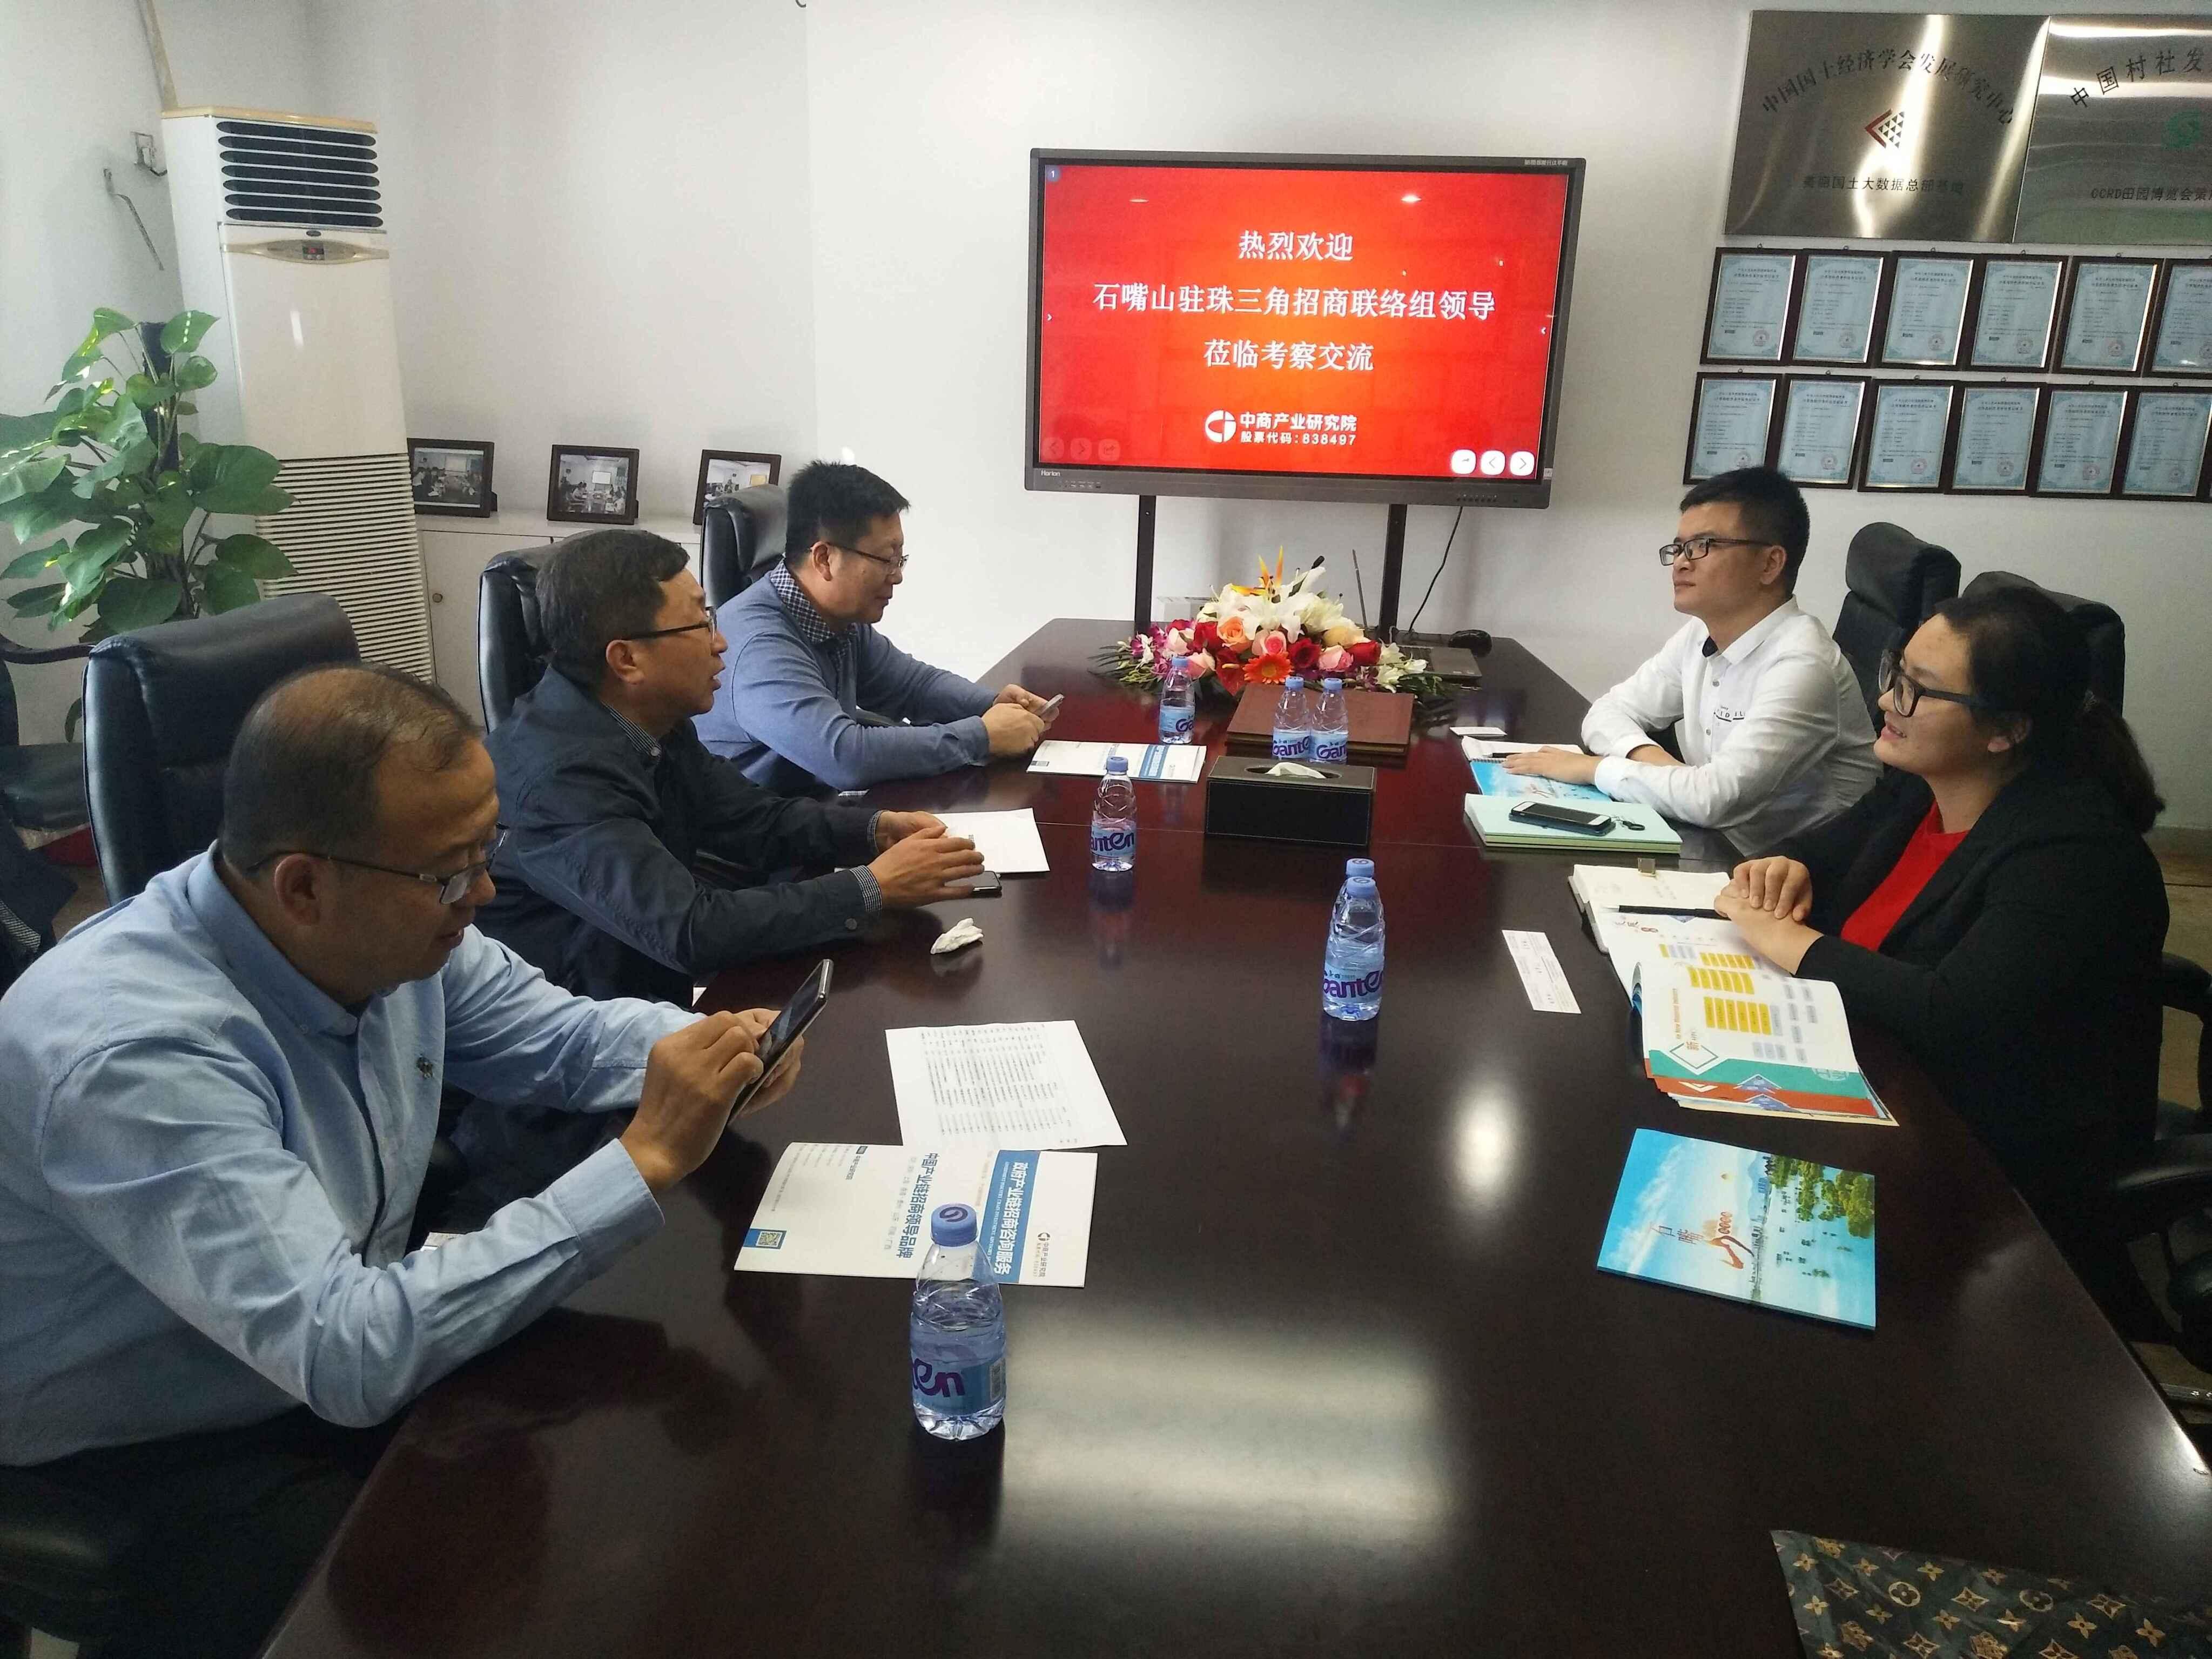 宁夏自治区石嘴山市招商联络组来访真人斗牛可以提现